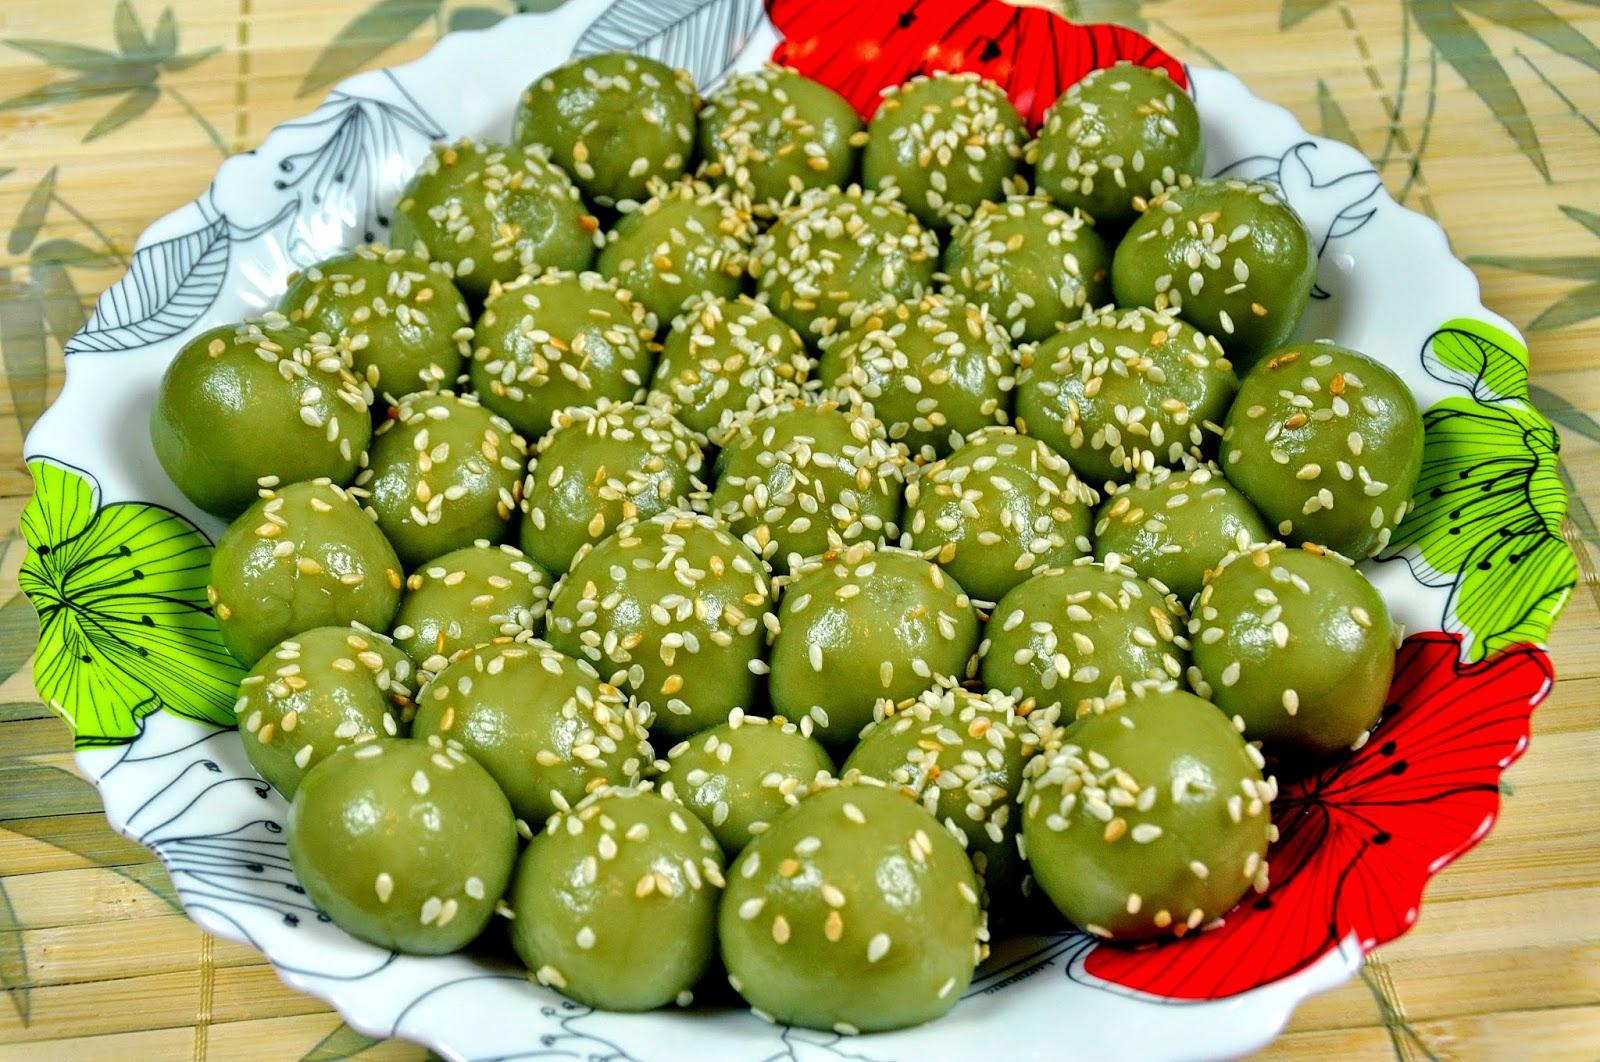 Cách làm bánh trôi trà xanh cho ngày Tết Hàn thực thơm ngon, mát dịu khá đơn giản